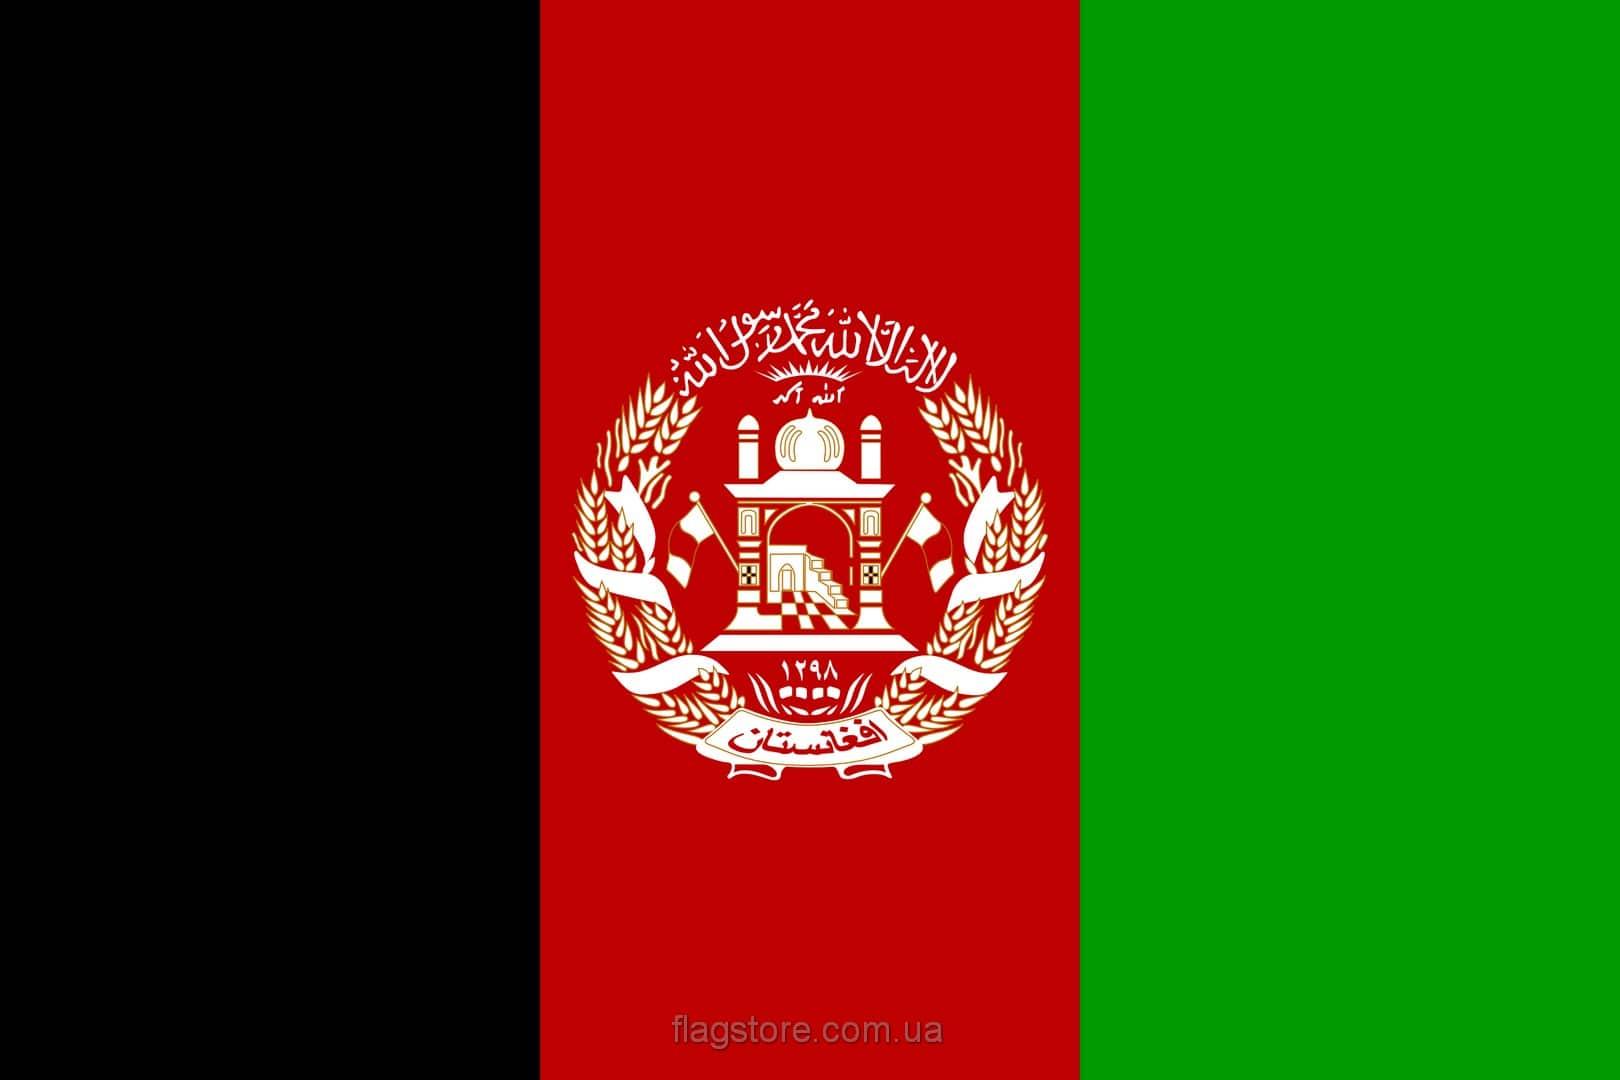 Купить флаг Афганистана (страны Афганистан)